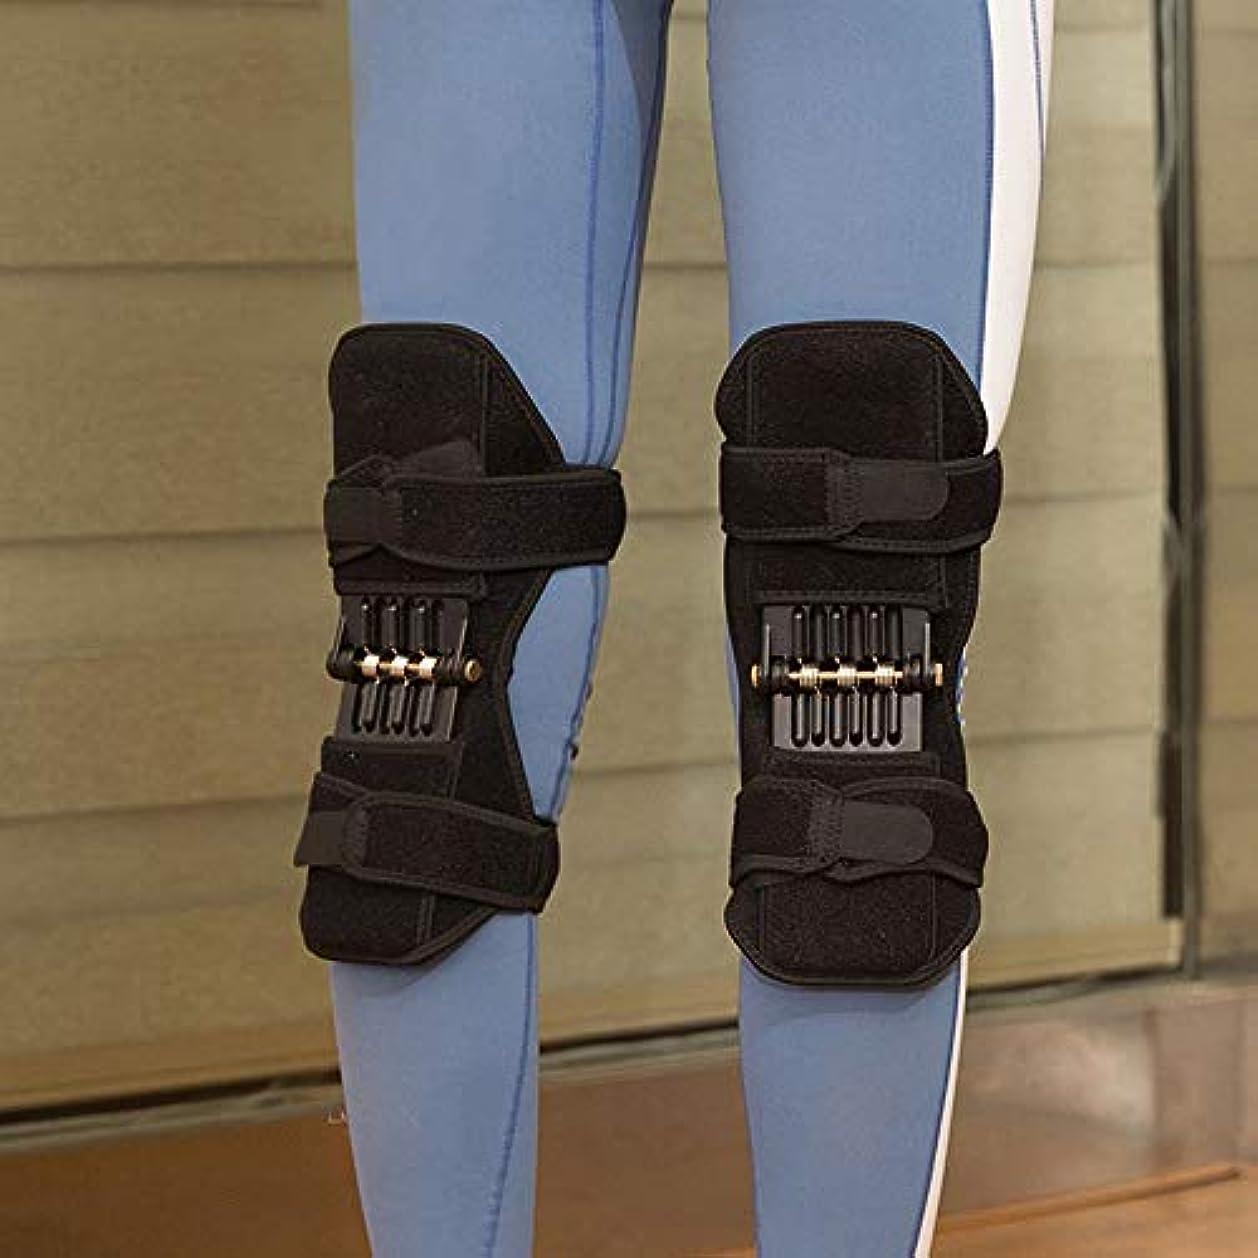 事実チラチラする定義する1 ペアスポーツ 春の膝 ストラップ 登山 ランニング 膝 ブースター 膝 パッド 膝関節保護 マッサージツール